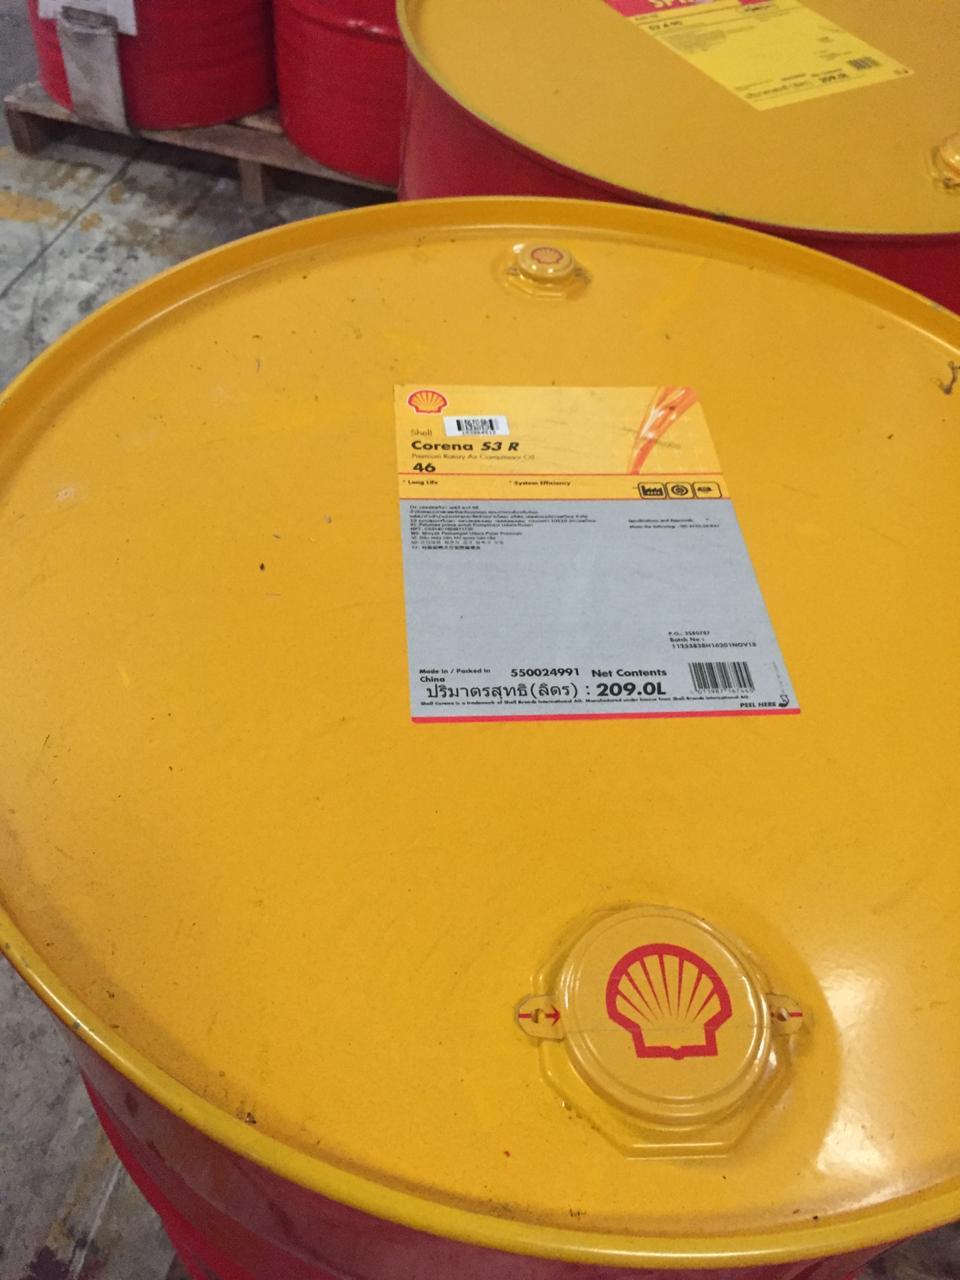 Shell Corena S3 R 46 209 L 1 Drum Compressor Oil